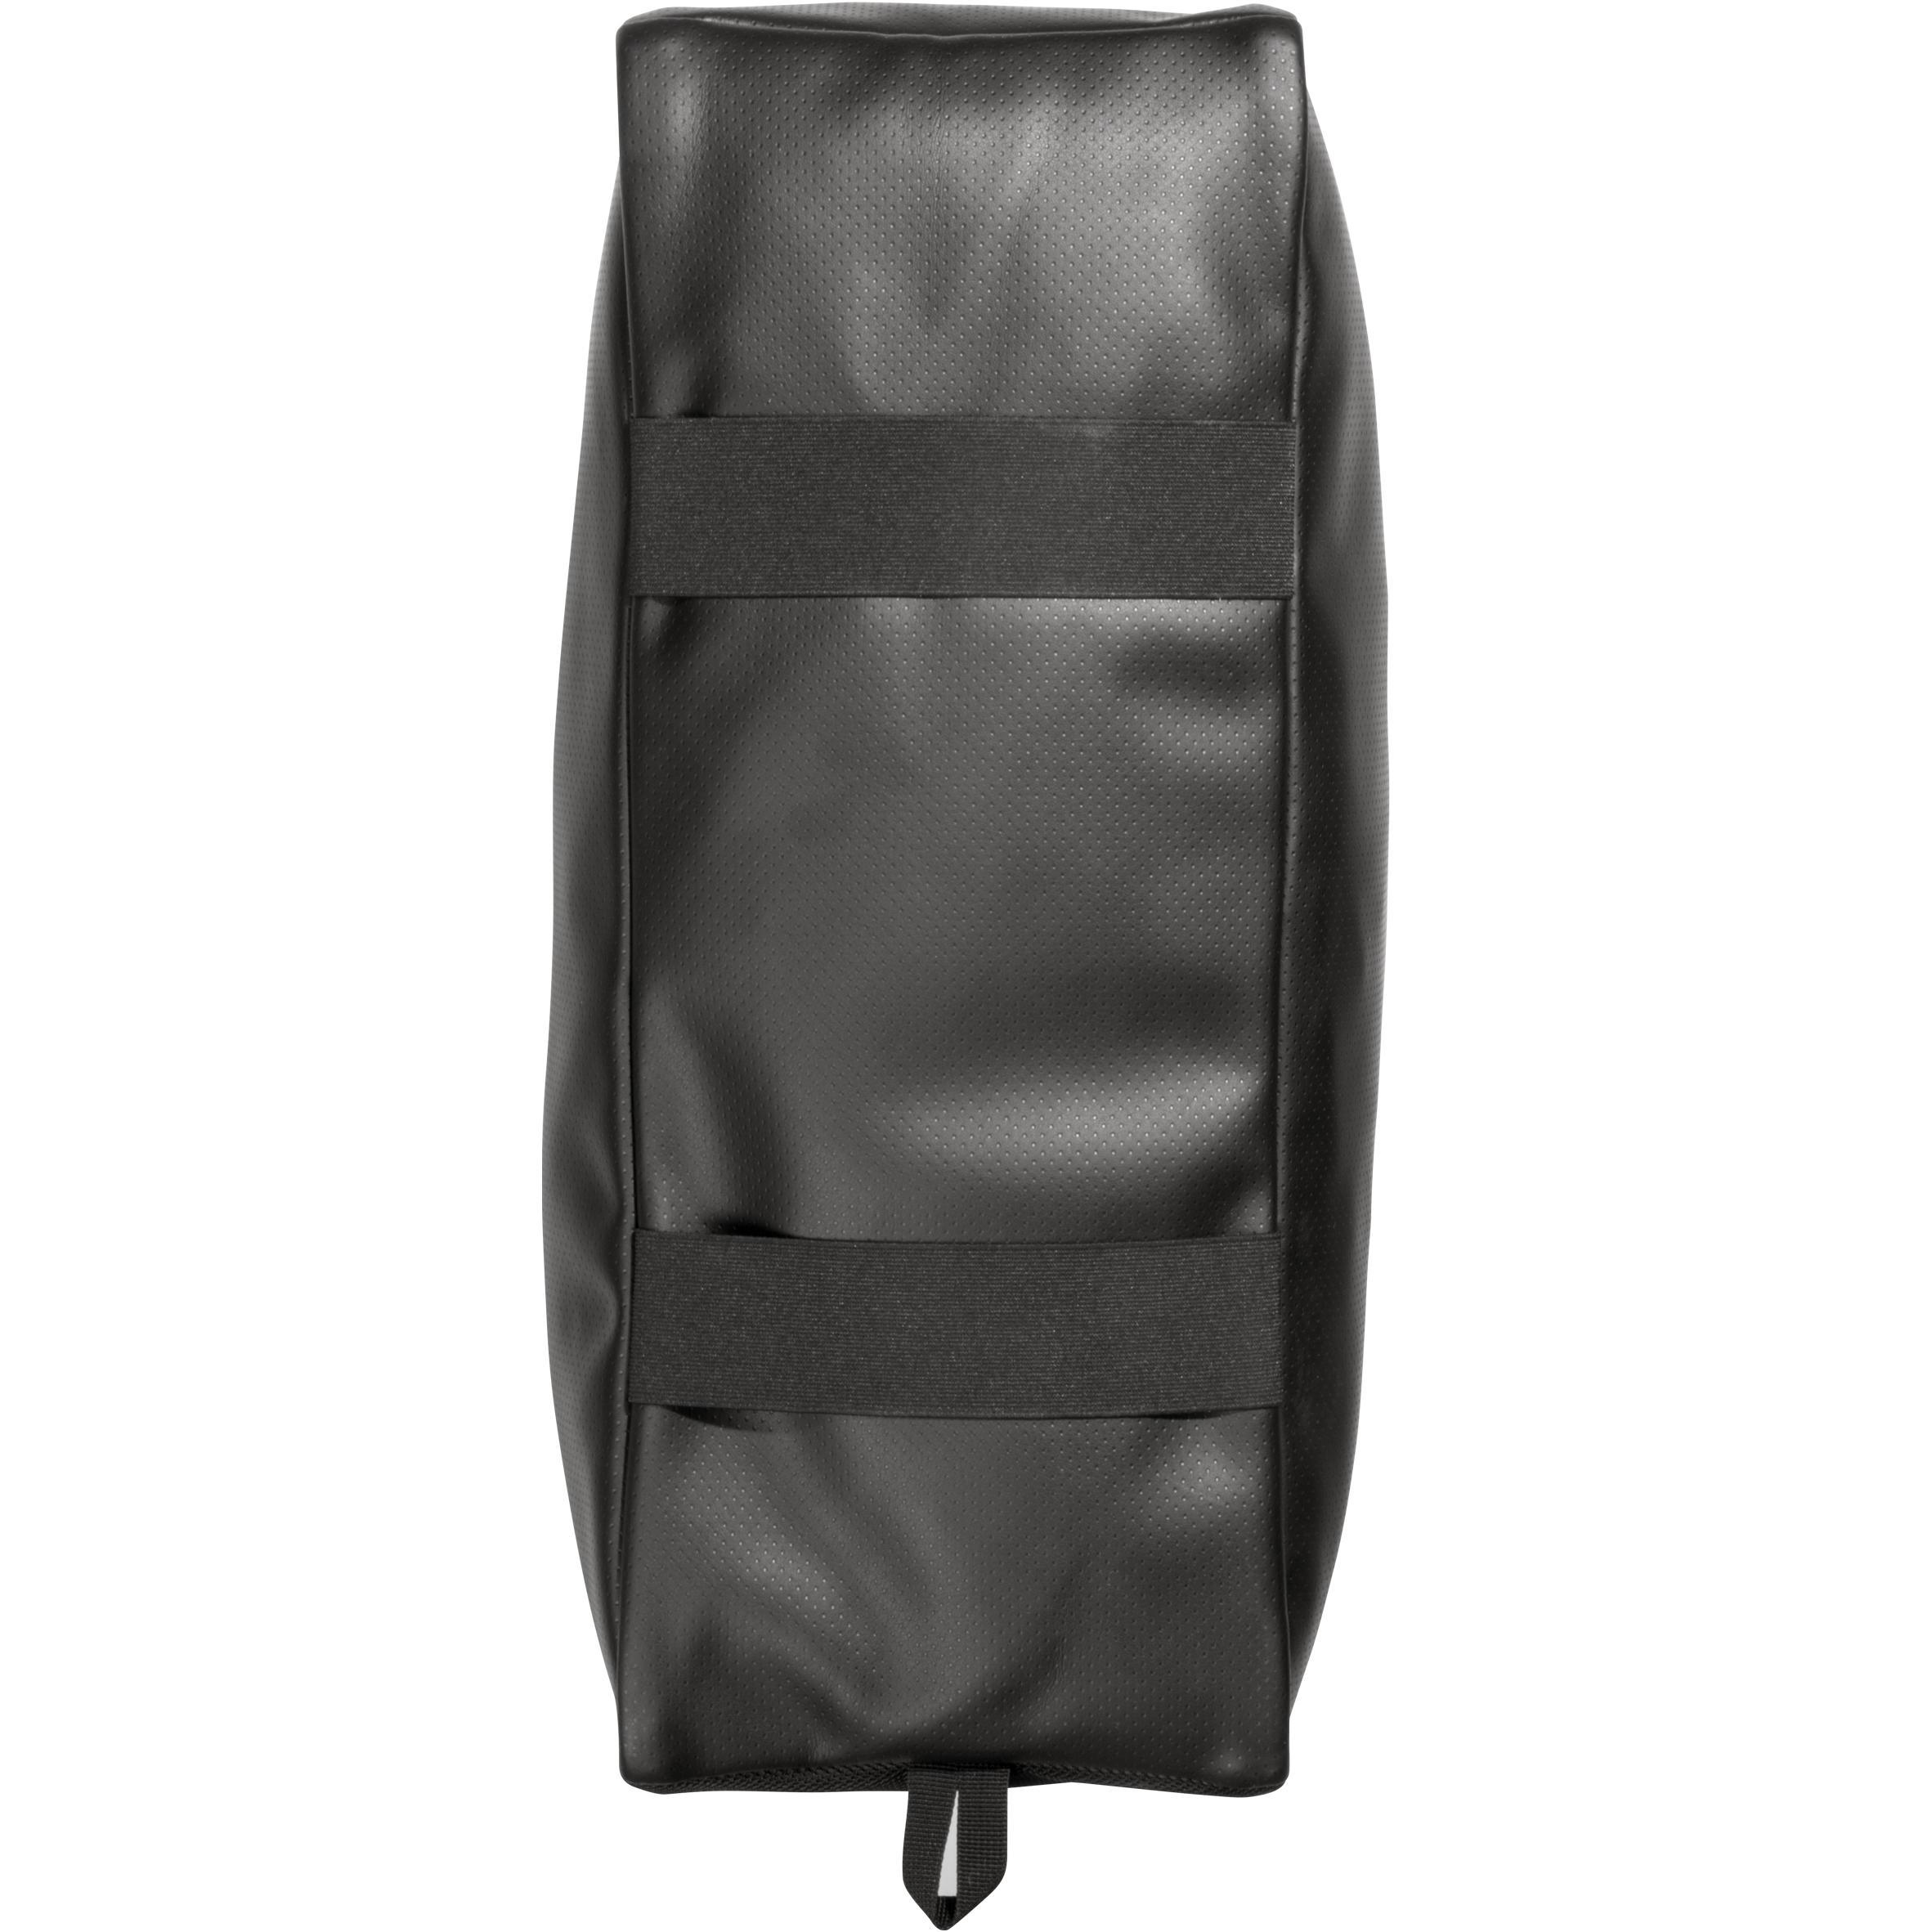 Cardio Fitness Bag 30L - Premium Black